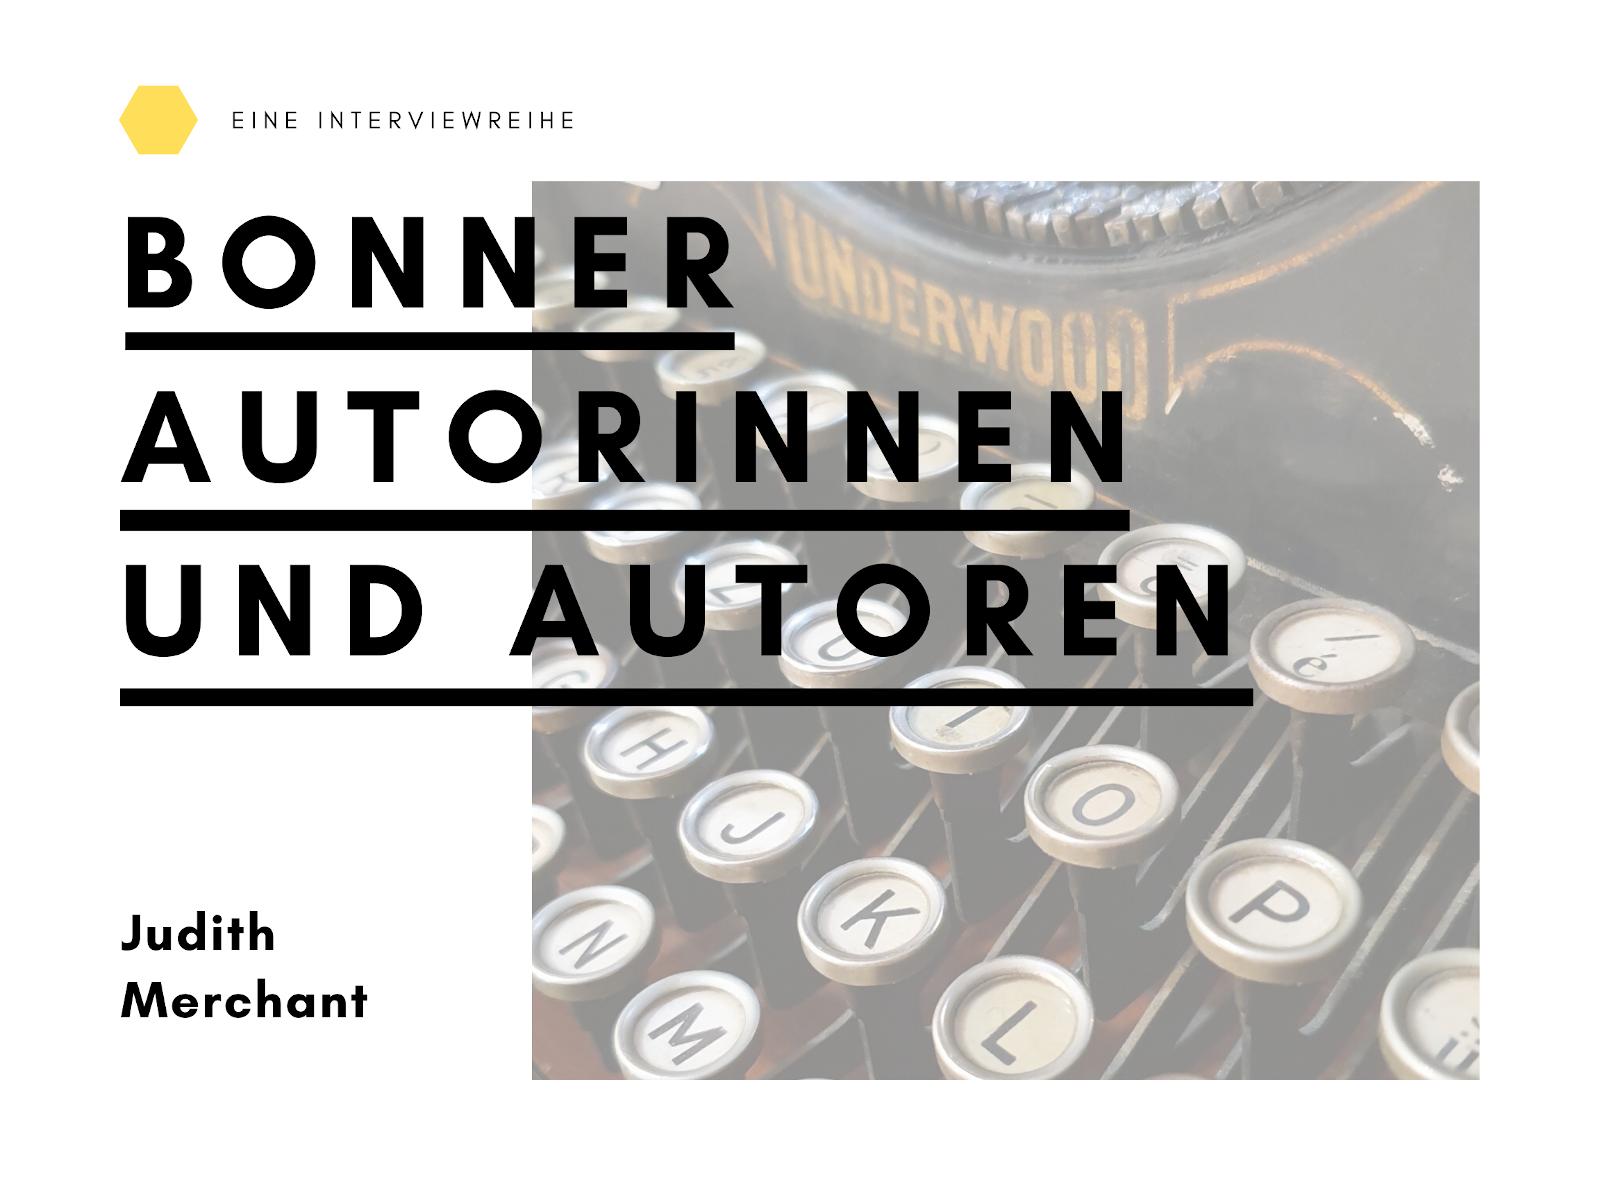 Bonner Autorinnen und Autoren – Interview mit Judith Merchant